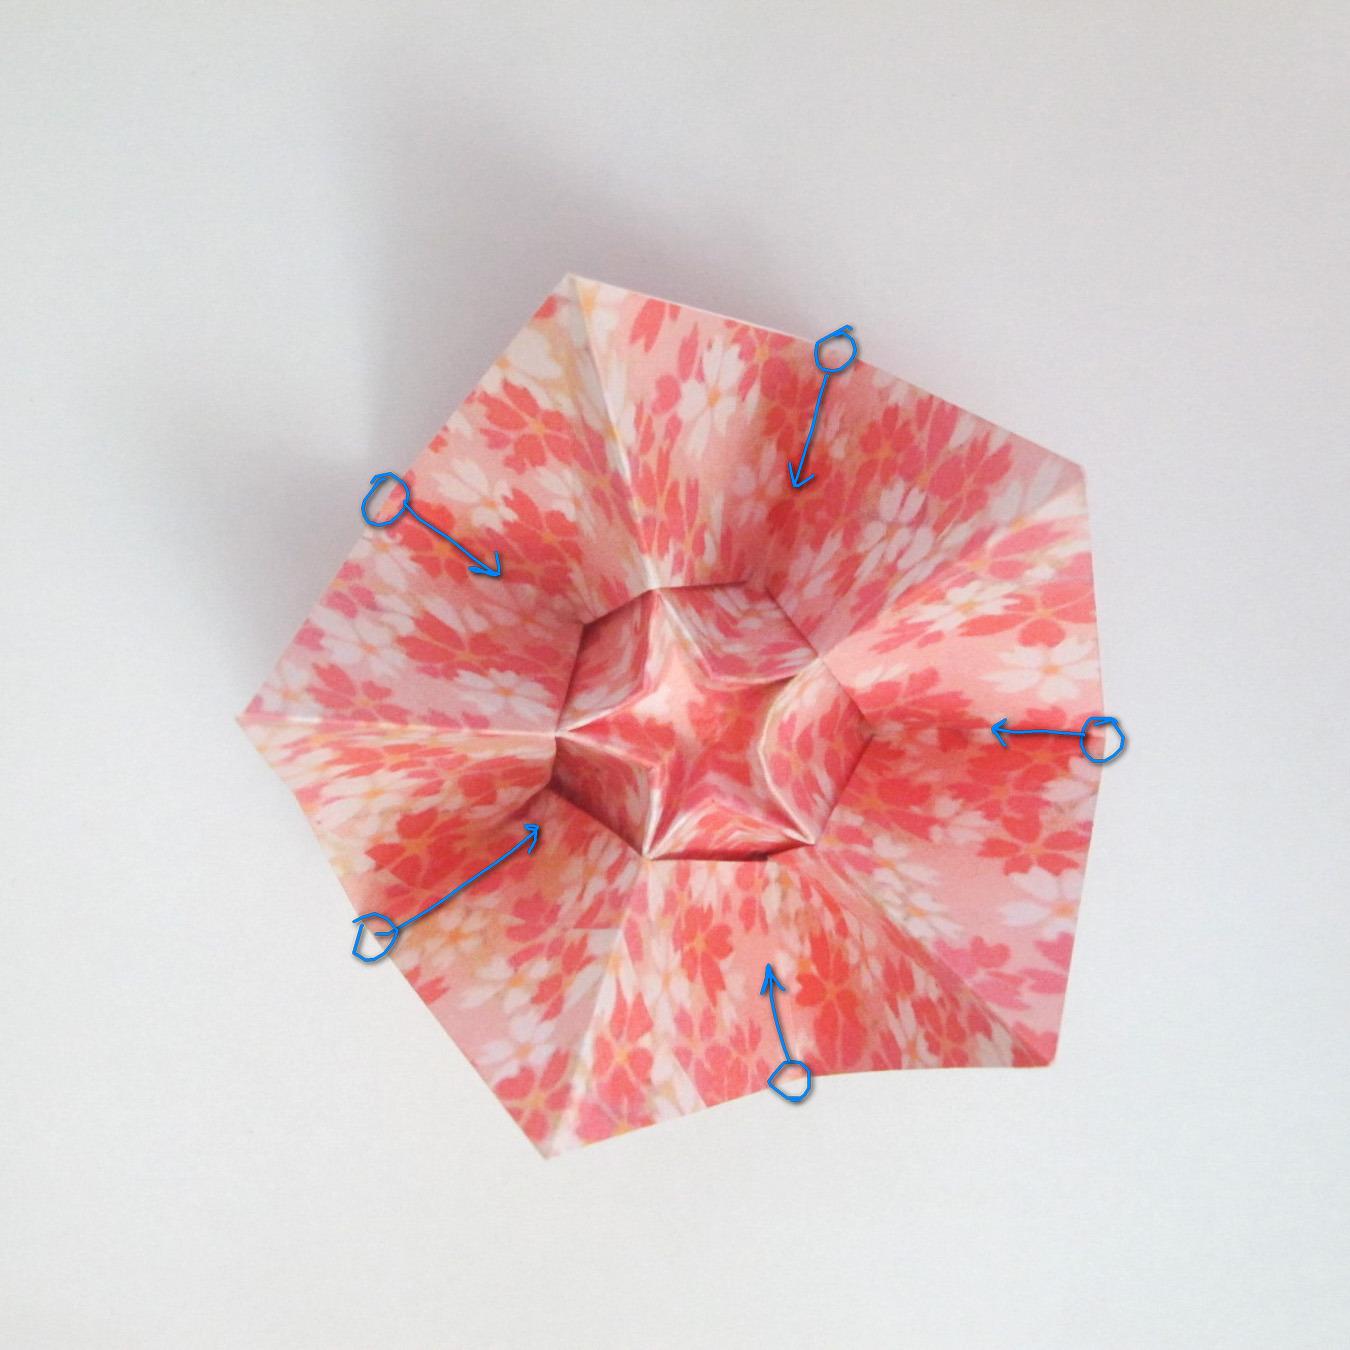 สอนวิธีการพับกระดาษเป็นดอกมะเฟือง (Origami Carambola) 026